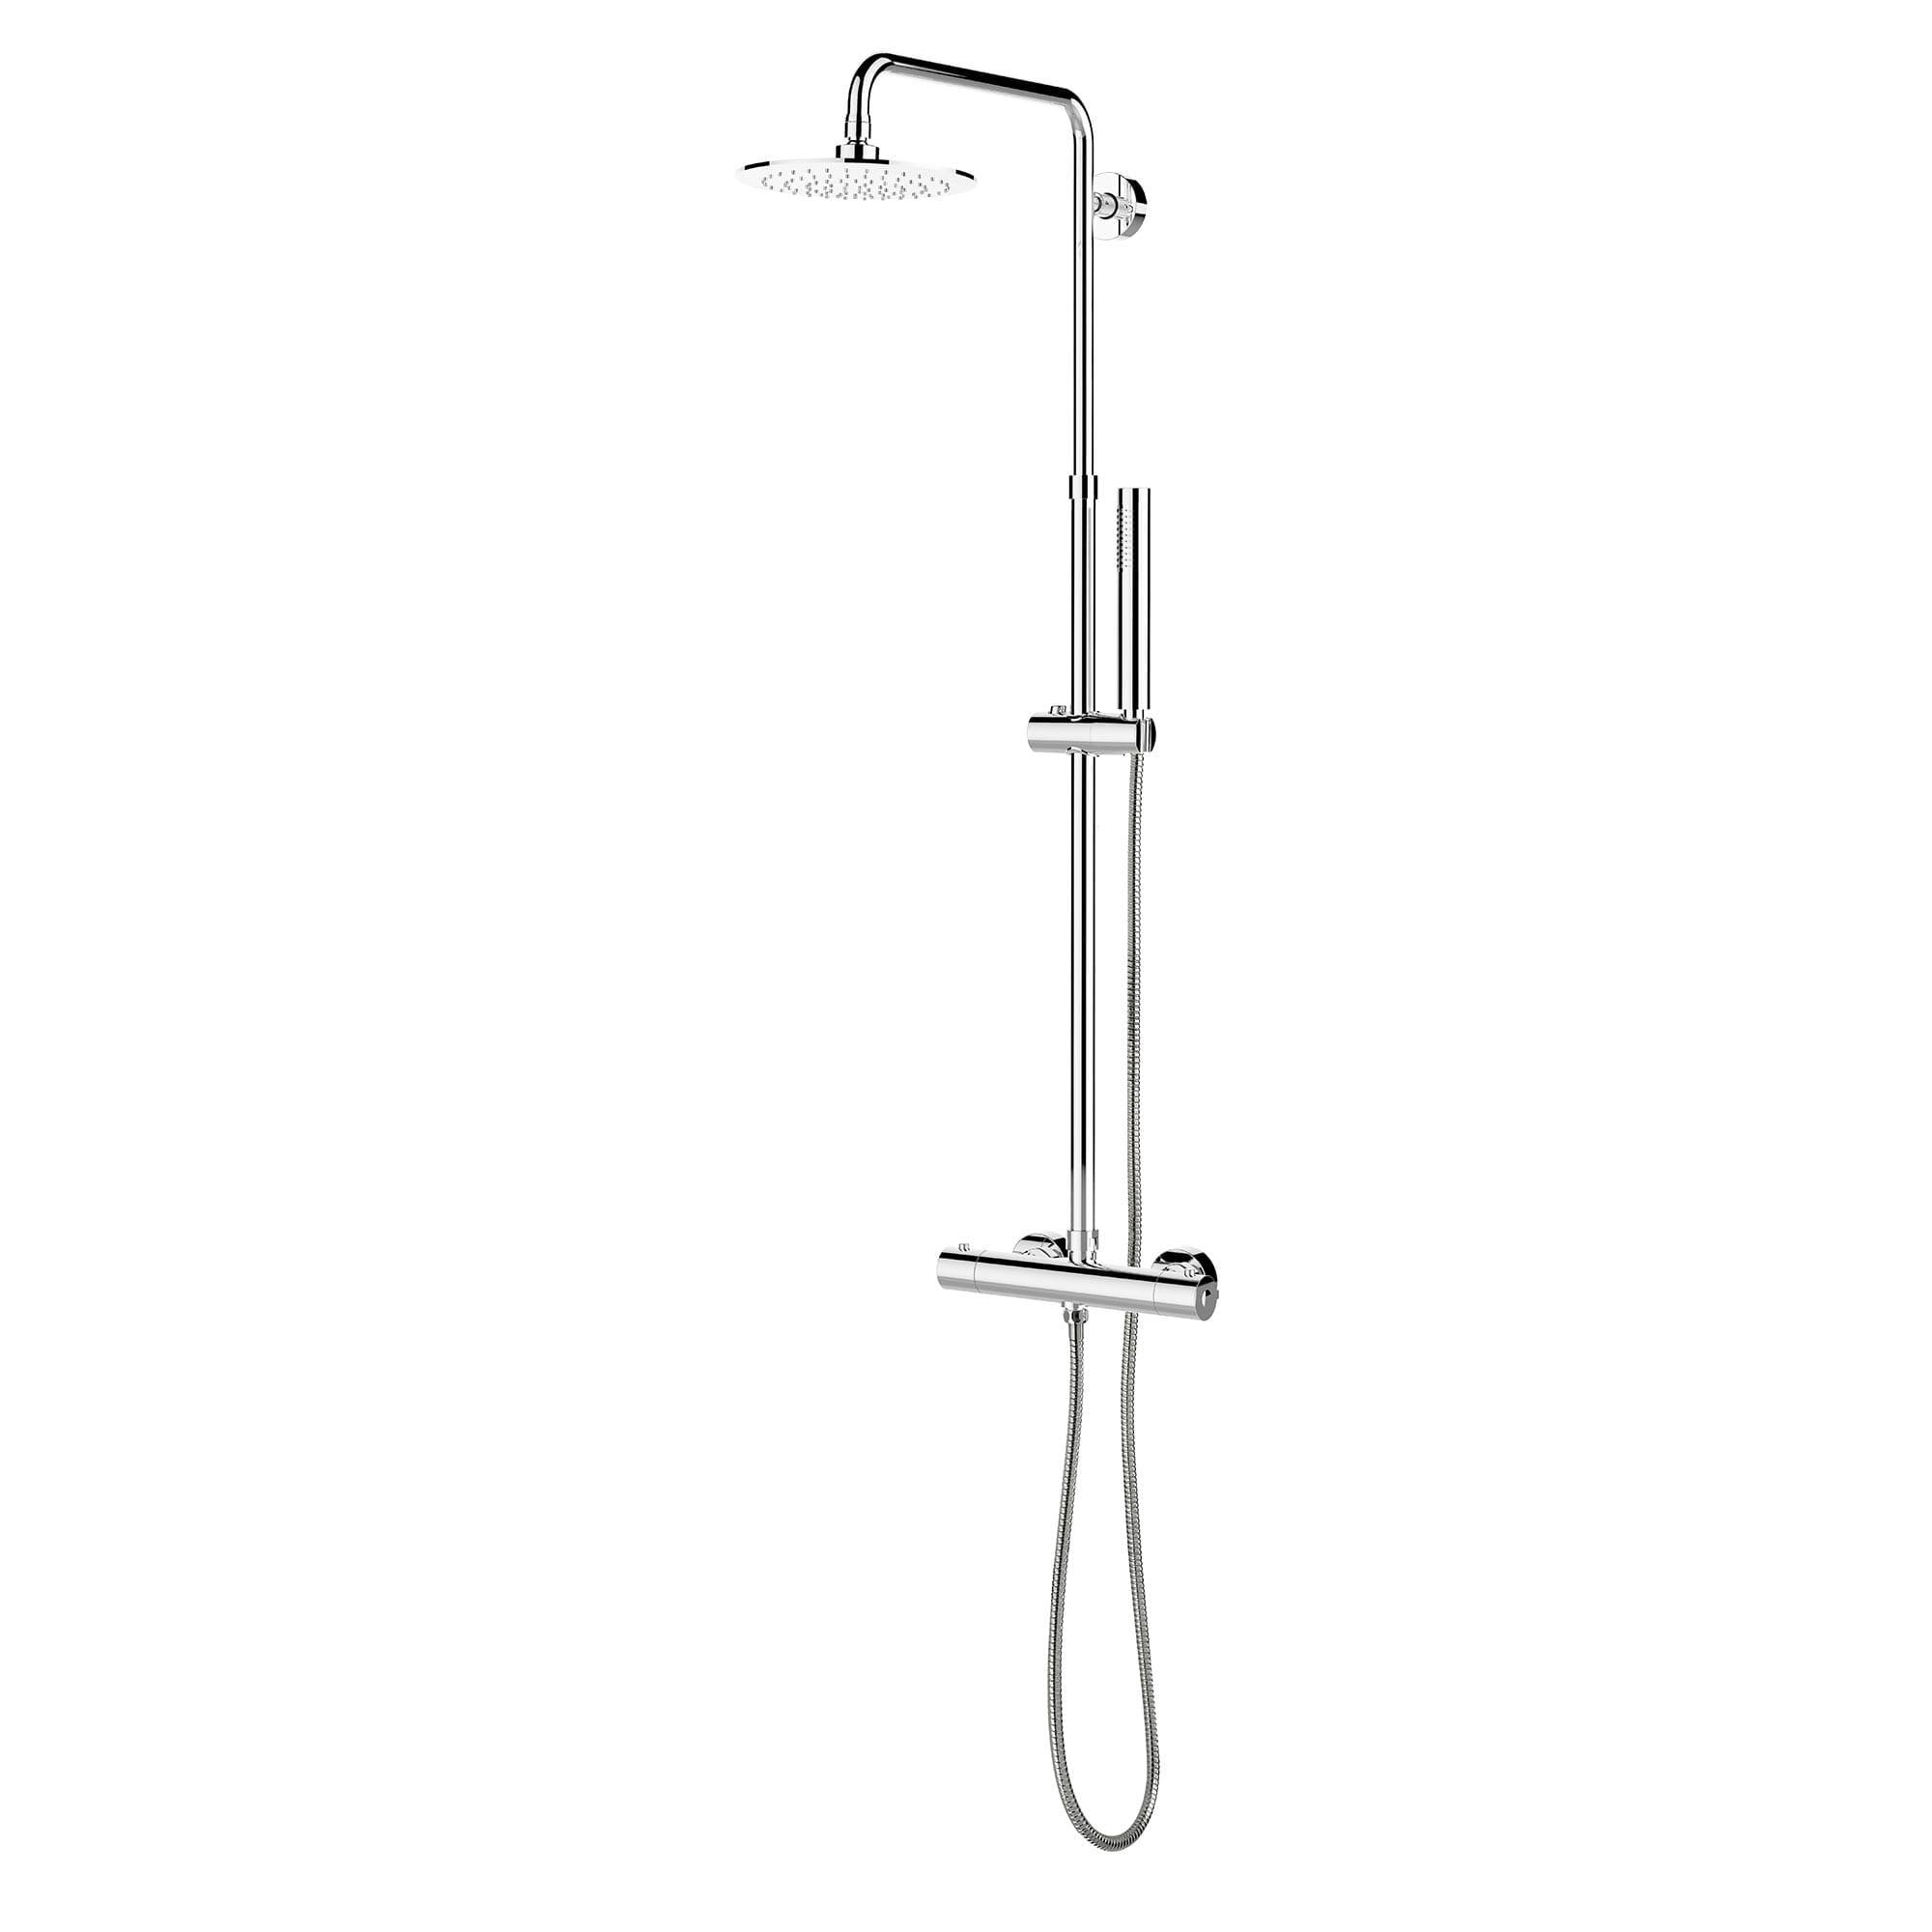 kit robinet pour douche mod le complet avec valve thermostatique d viatrice et ensemble de. Black Bedroom Furniture Sets. Home Design Ideas